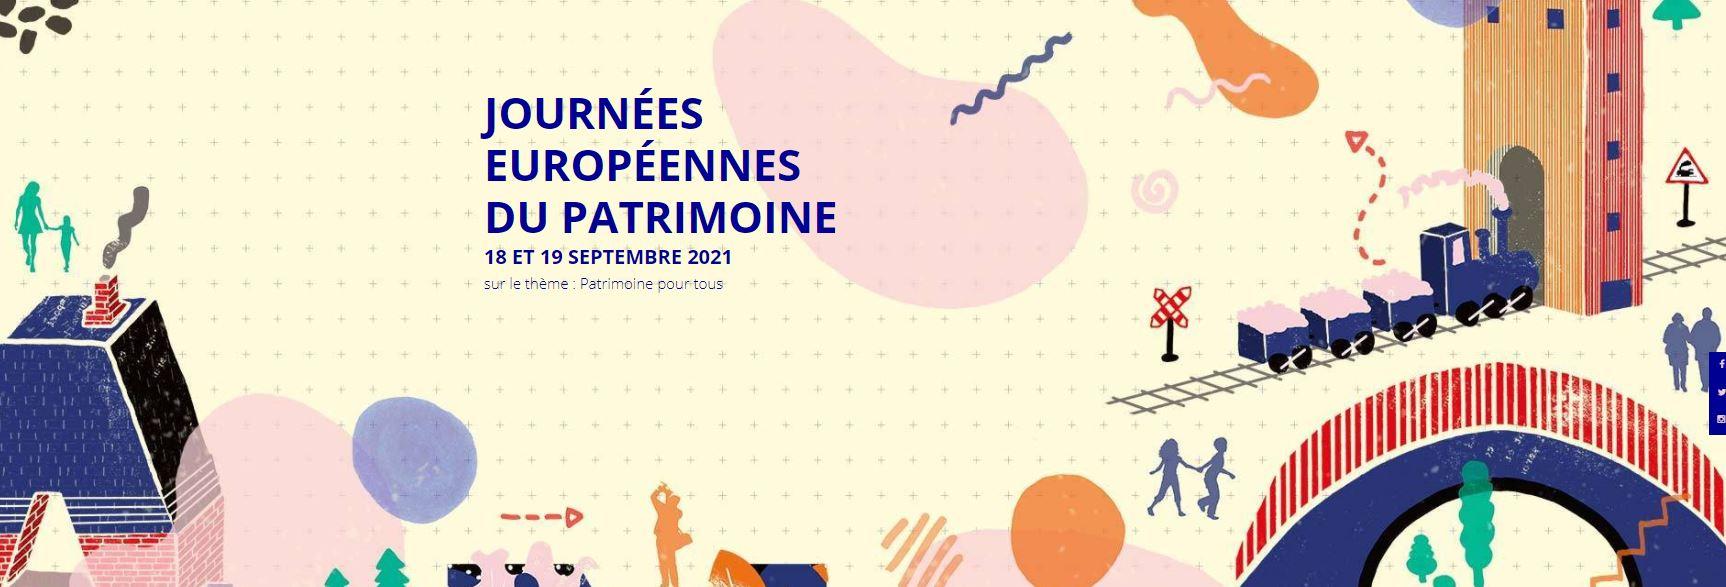 Journées Européennes du Patrimoine 2021 - 18 & 19 sept